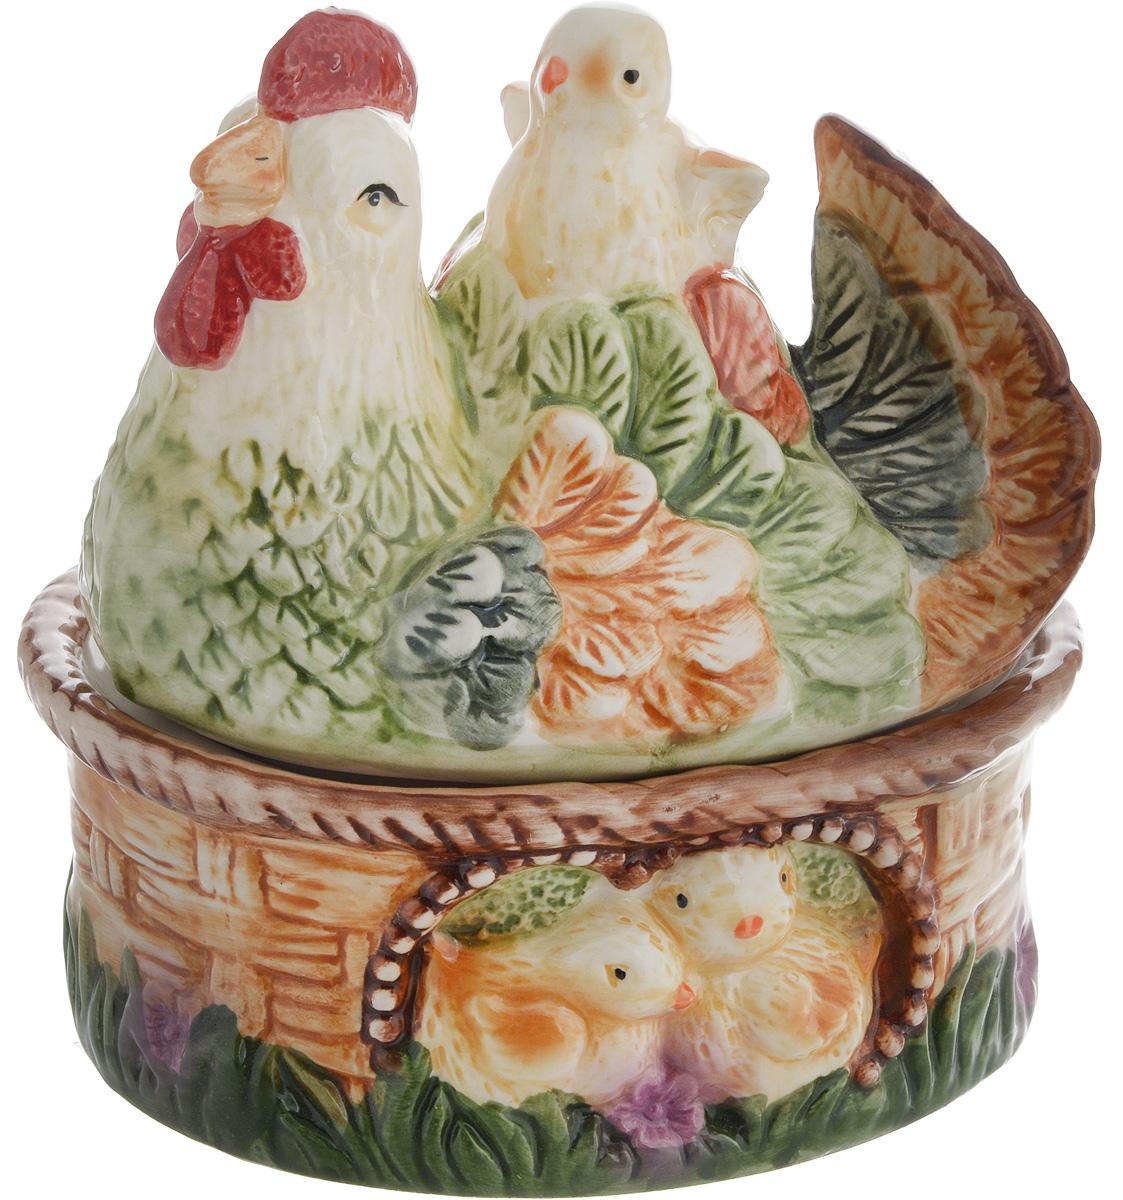 Емкость для сыпучих продуктов Win Max Курочка, 15 х 13 х 15 см14044Емкость для сыпучих продуктов Win Max изготовлена из высококачественной керамики и оформлена рельефным рисунком. Изделие дополнено крышкой, которая выполнена в виде фигурки курицы с цыпленком. Оригинальный дизайн украсит интерьер вашей кухни, а функциональность порадует любую хозяйку. Размеры емкости (без учета крышки): 15 х 12 х 6 см Высота крышки: 10,5 см